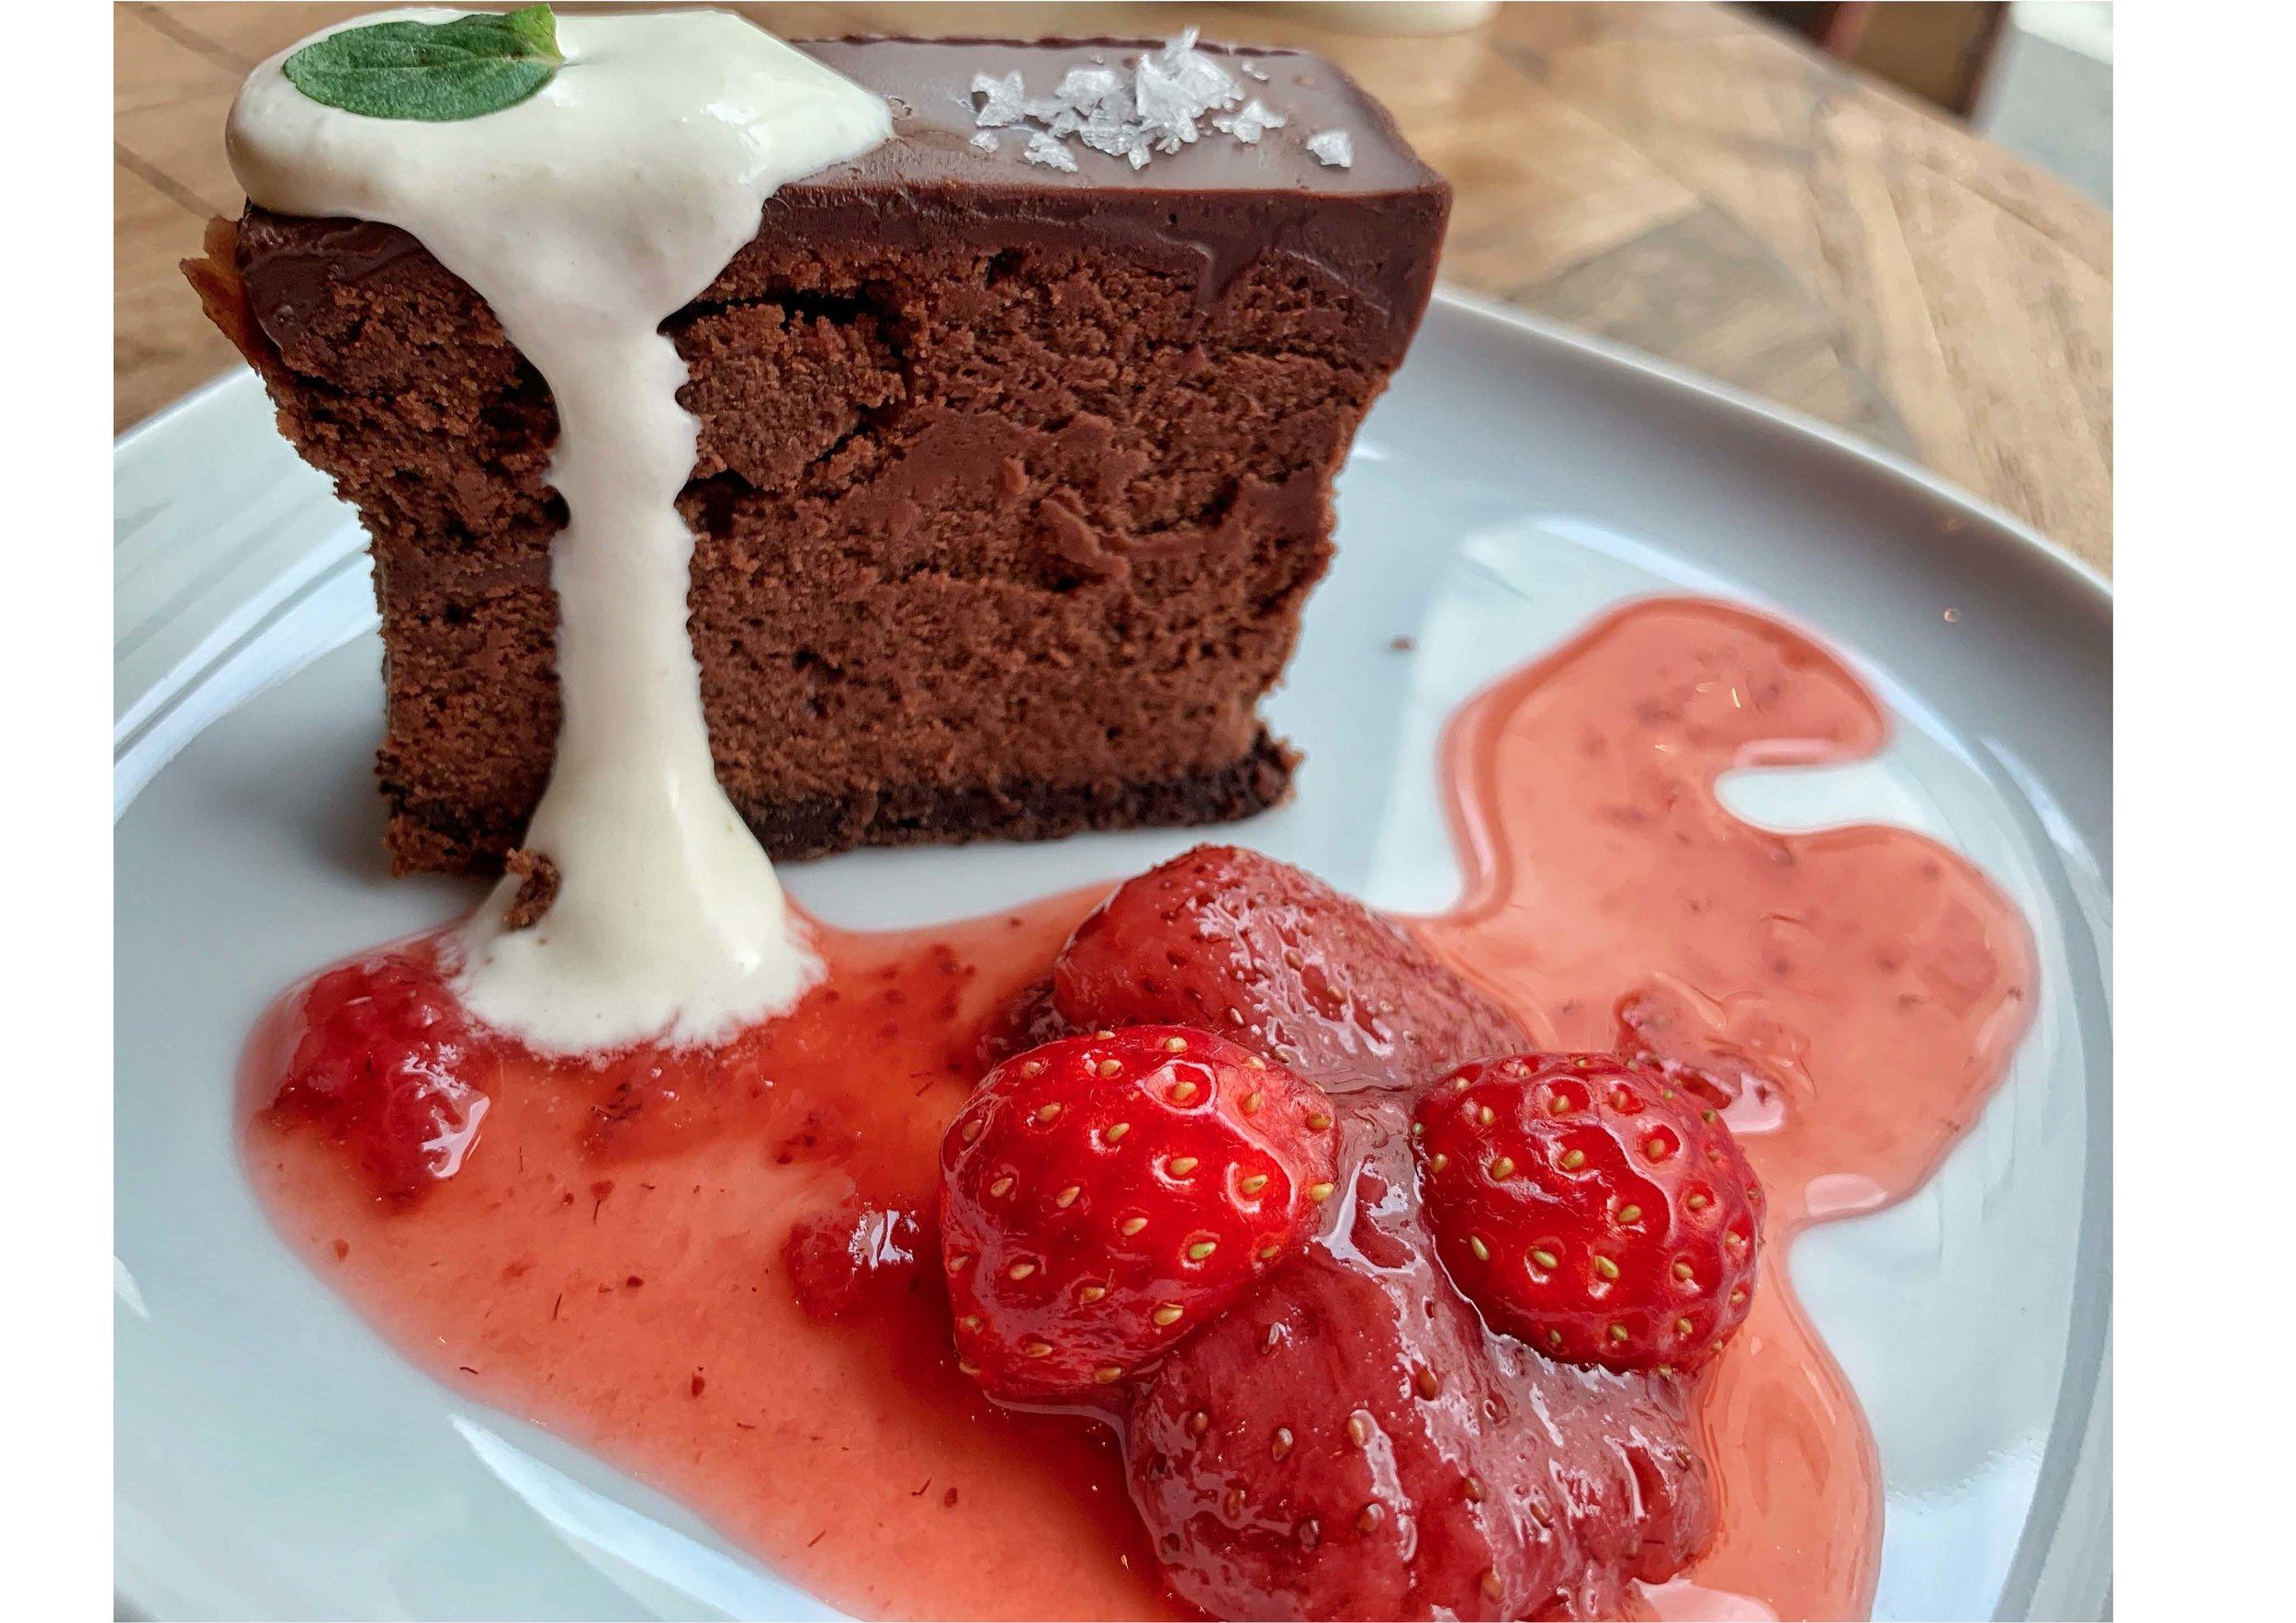 チョコレートチーズケーキ ストロベリーソース。Chocolate Cheesecake w Strawberry Sauce